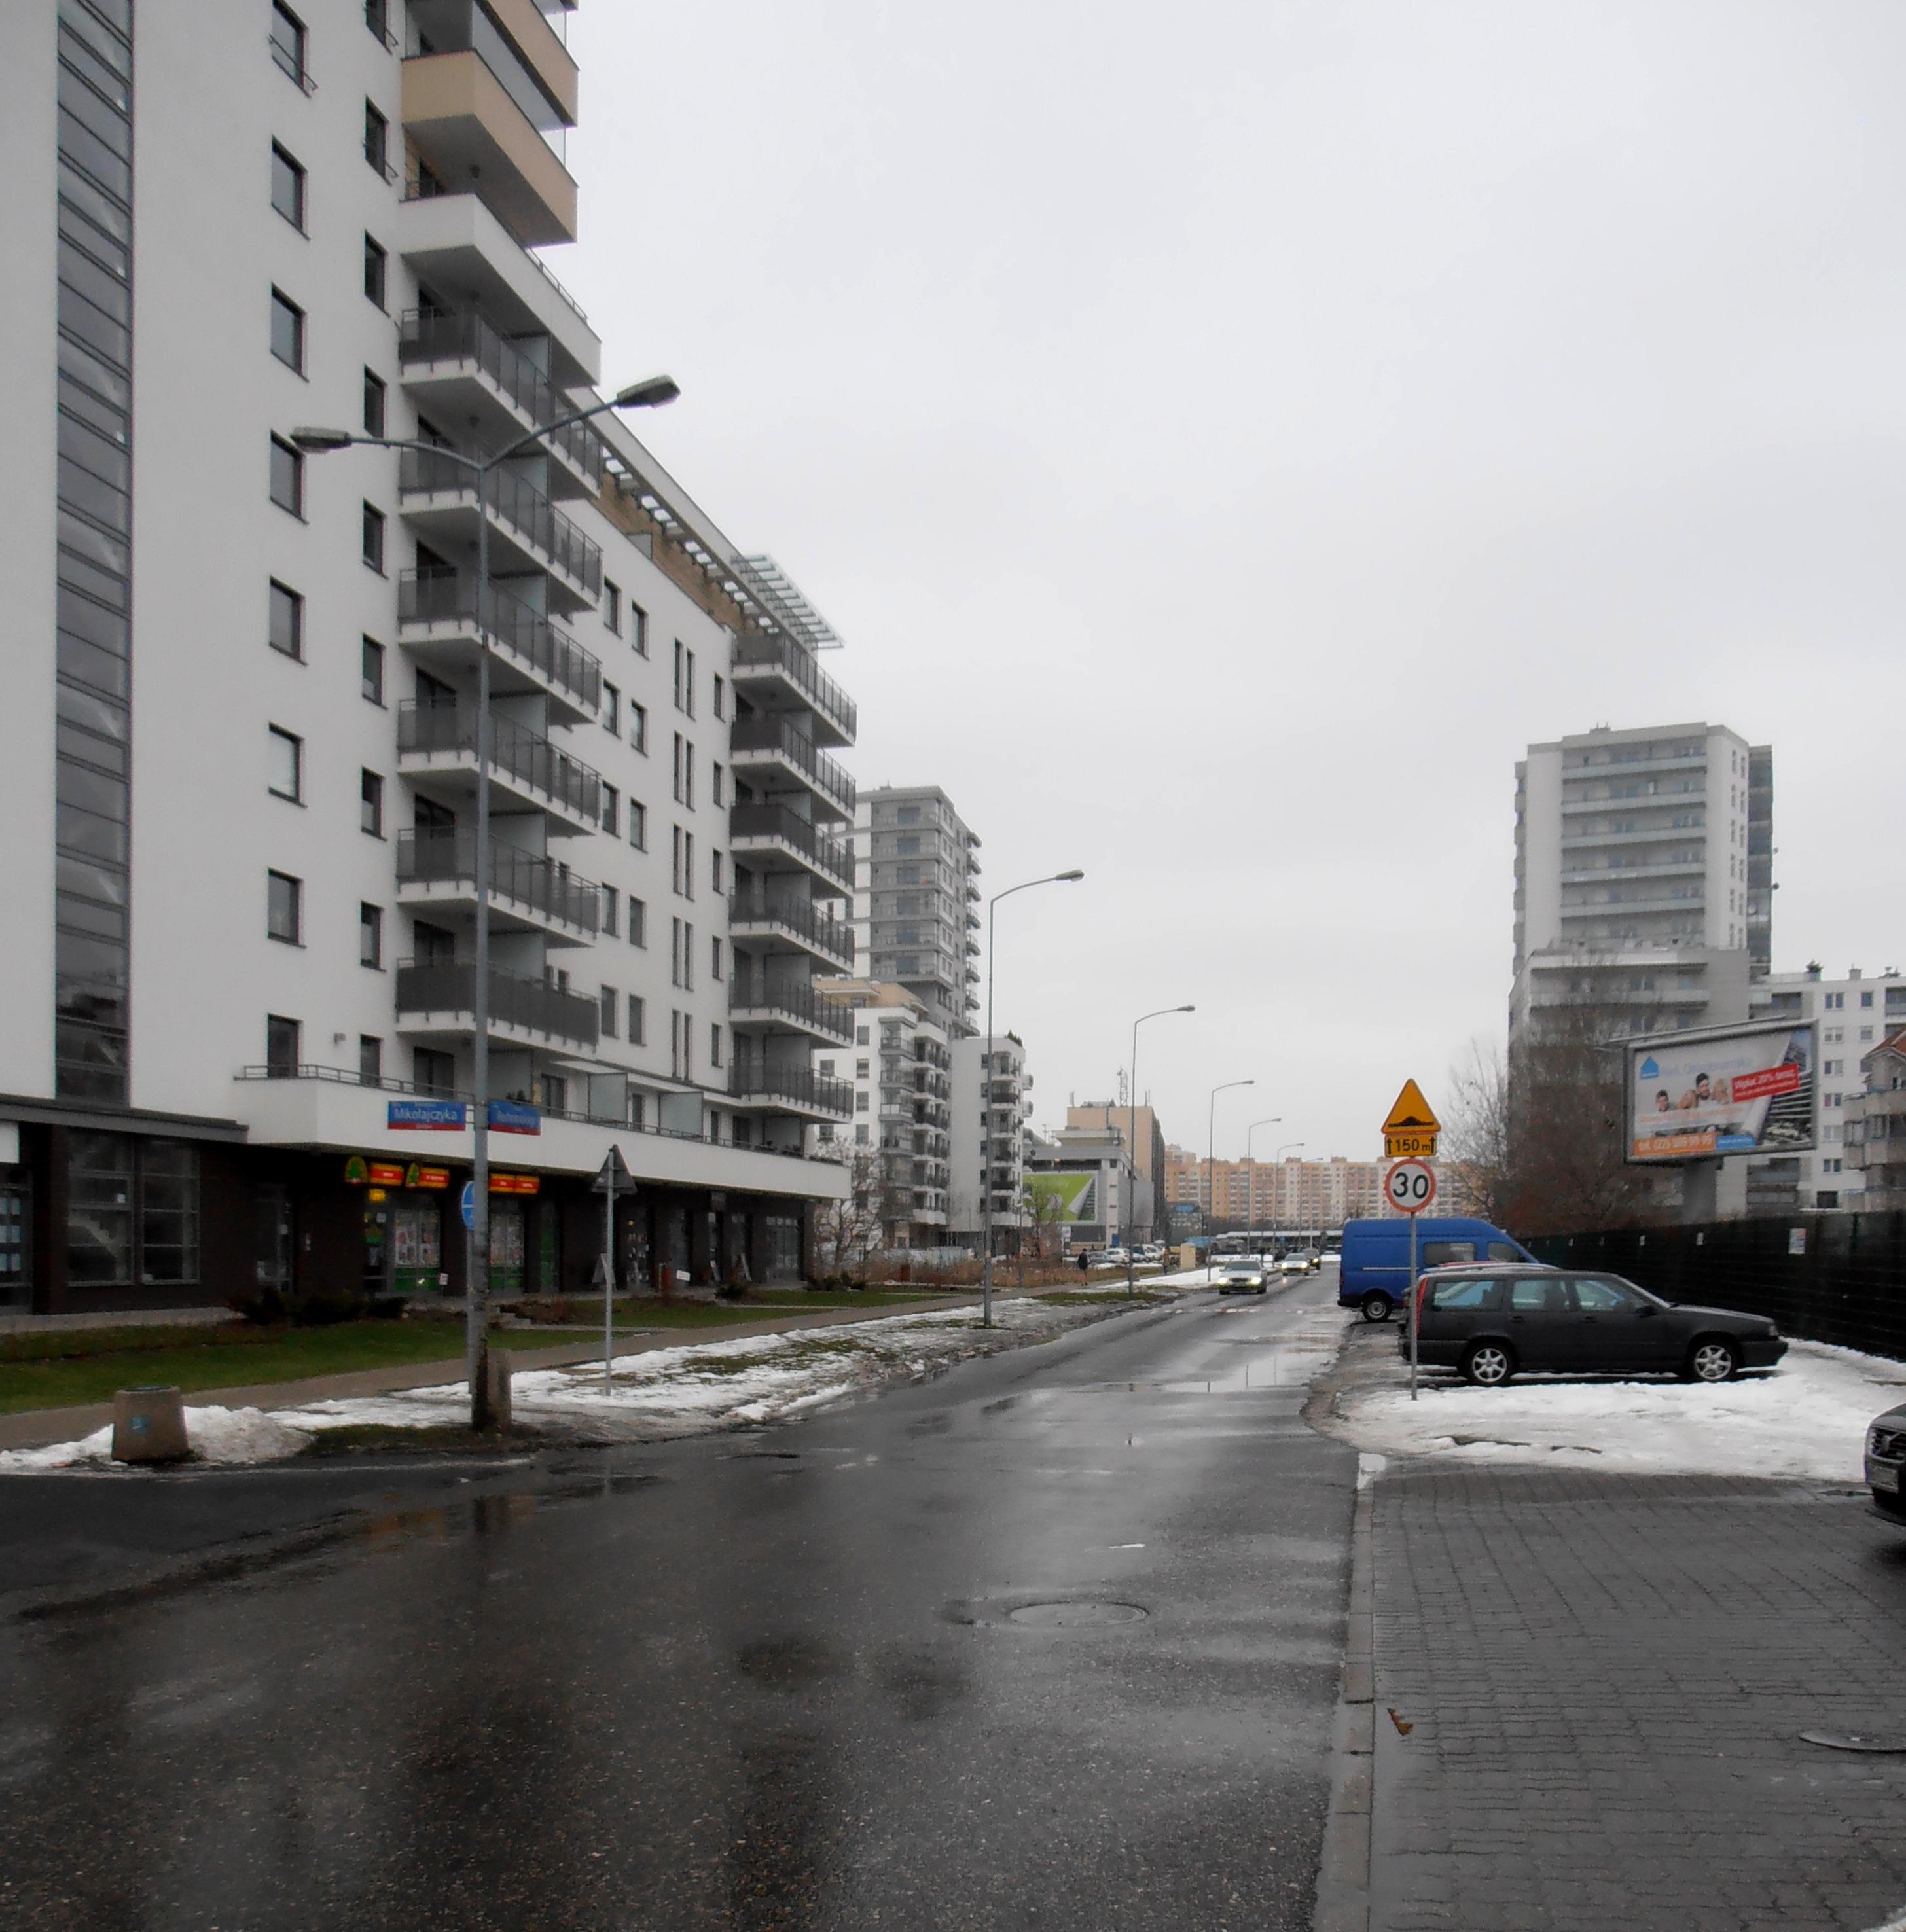 Ulica Rechniewskiego